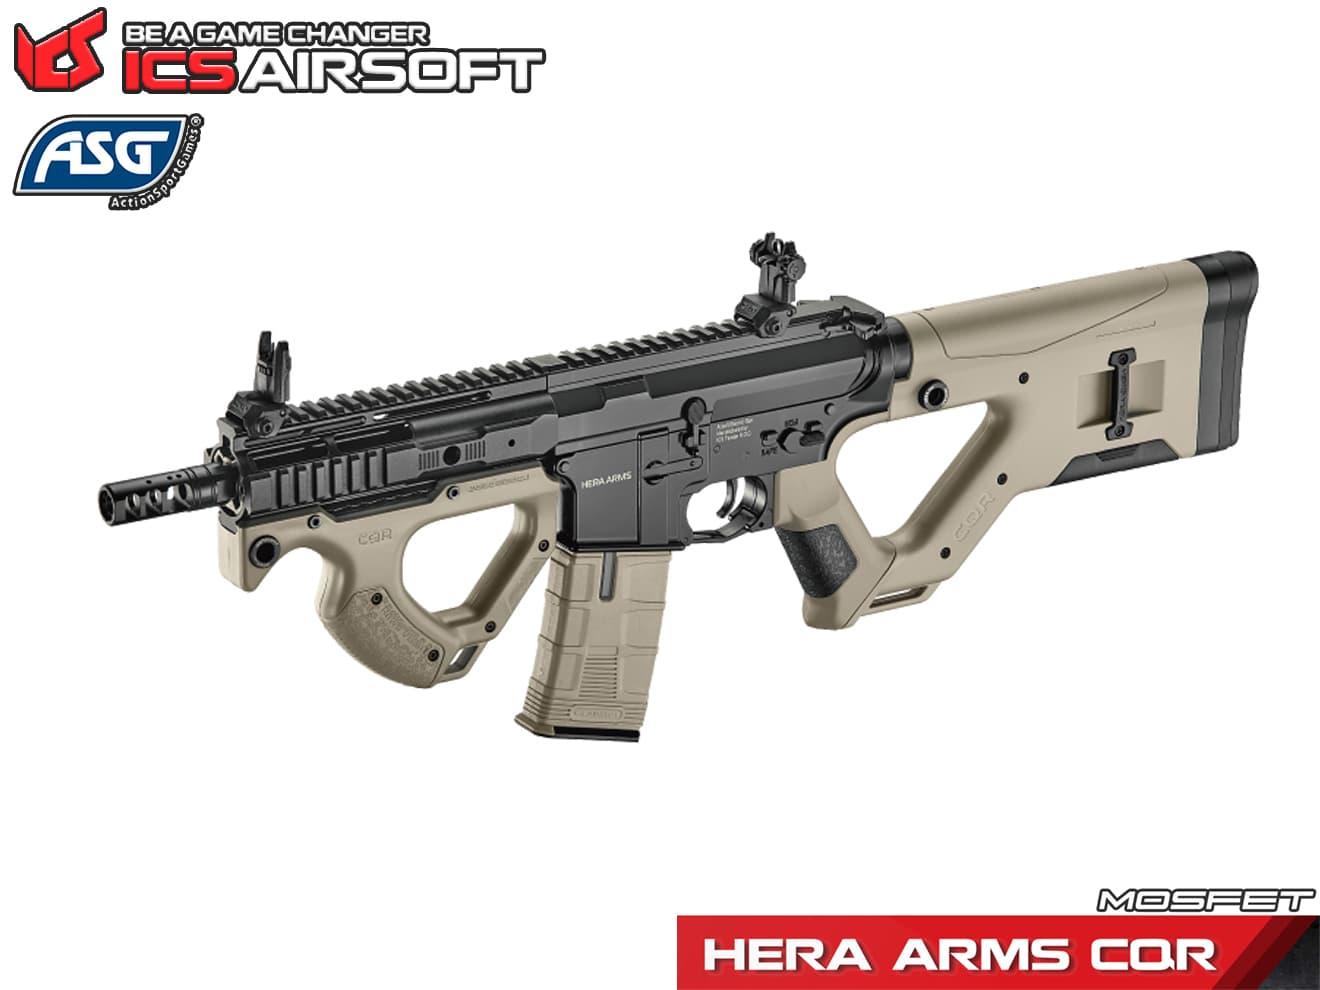 【7月上旬入荷予定】ICS×ASG HERA ARMS CQR AEG Two-Tone MOSFET+EBB JP Ver.◆HERA ARMS正規ライセンス取得 電動ガン ライフル ツートン CXB EBB搭載